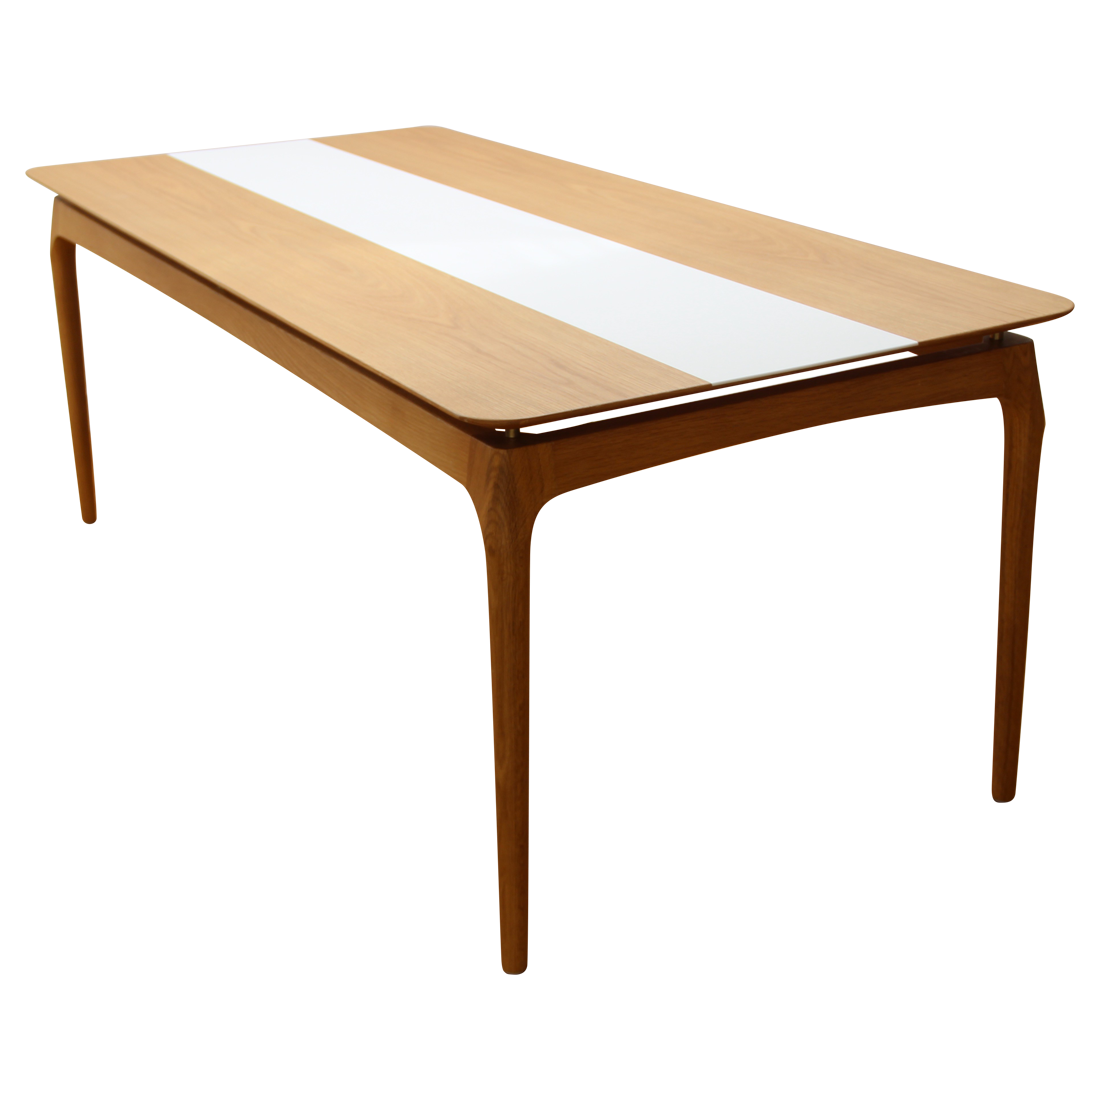 Meubles Design Haut De Gamme D Occasion Et D Exposition Mobilier De Salon Meuble Design Table Repas